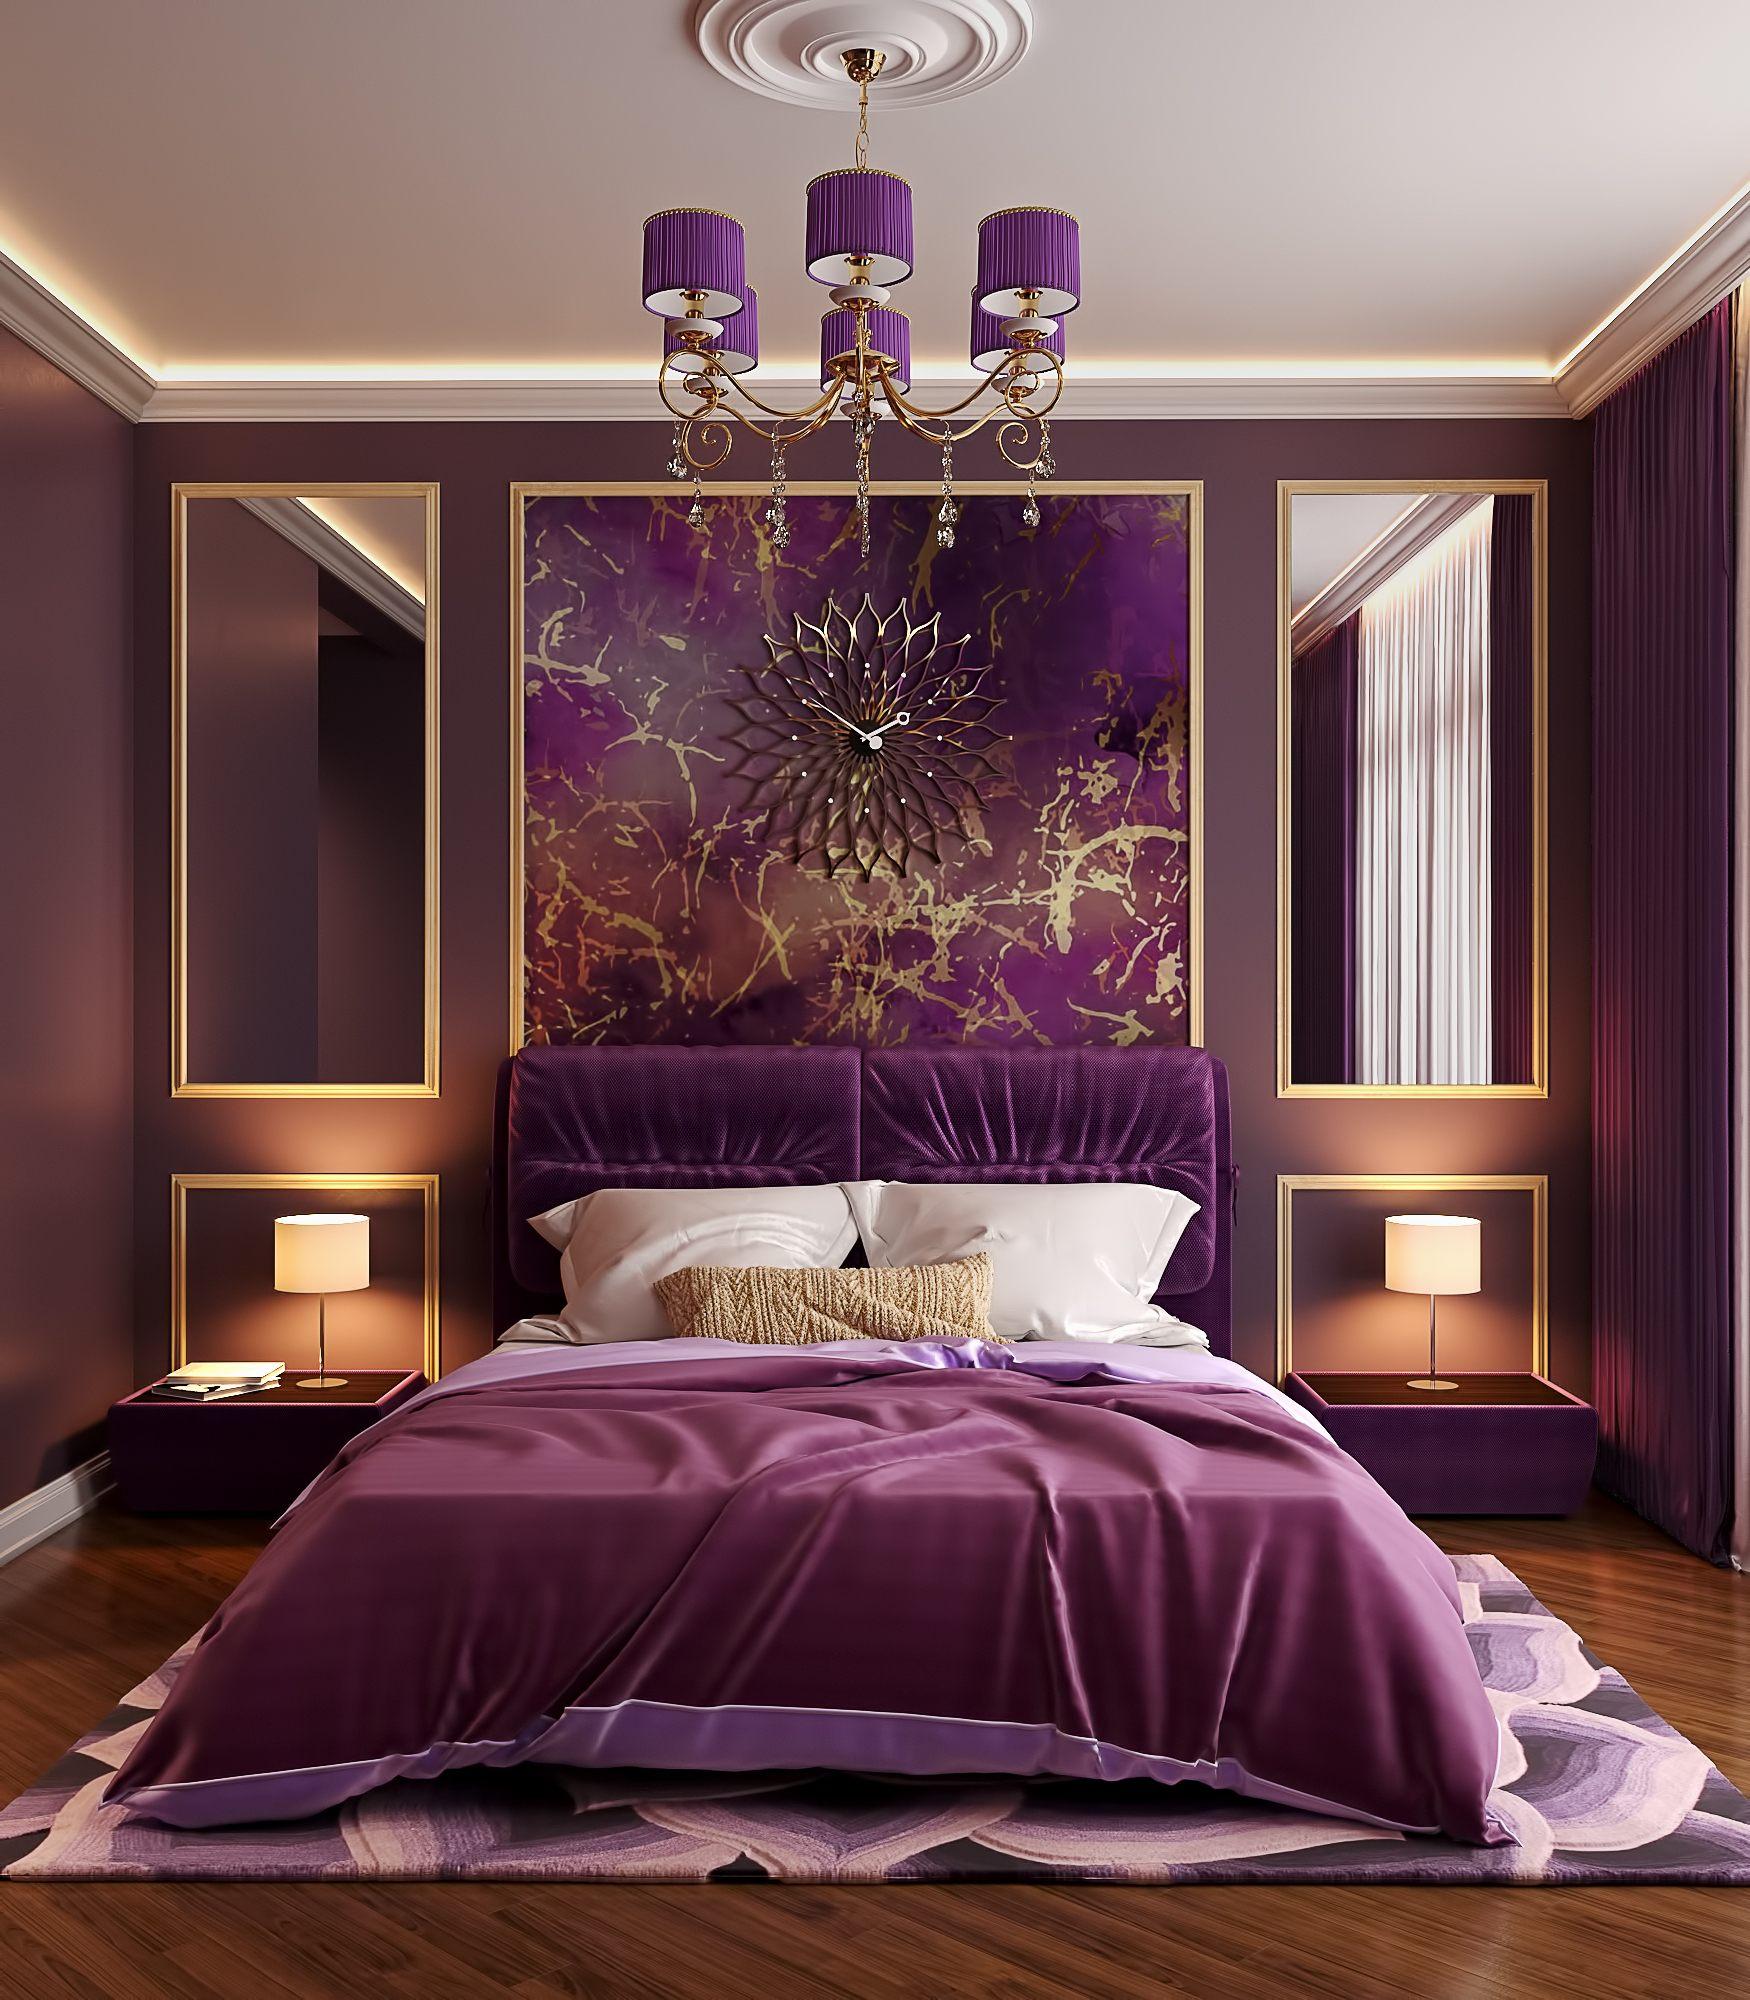 бесплатные смотреть фото фиолетовой спальни в квартире автомобильном